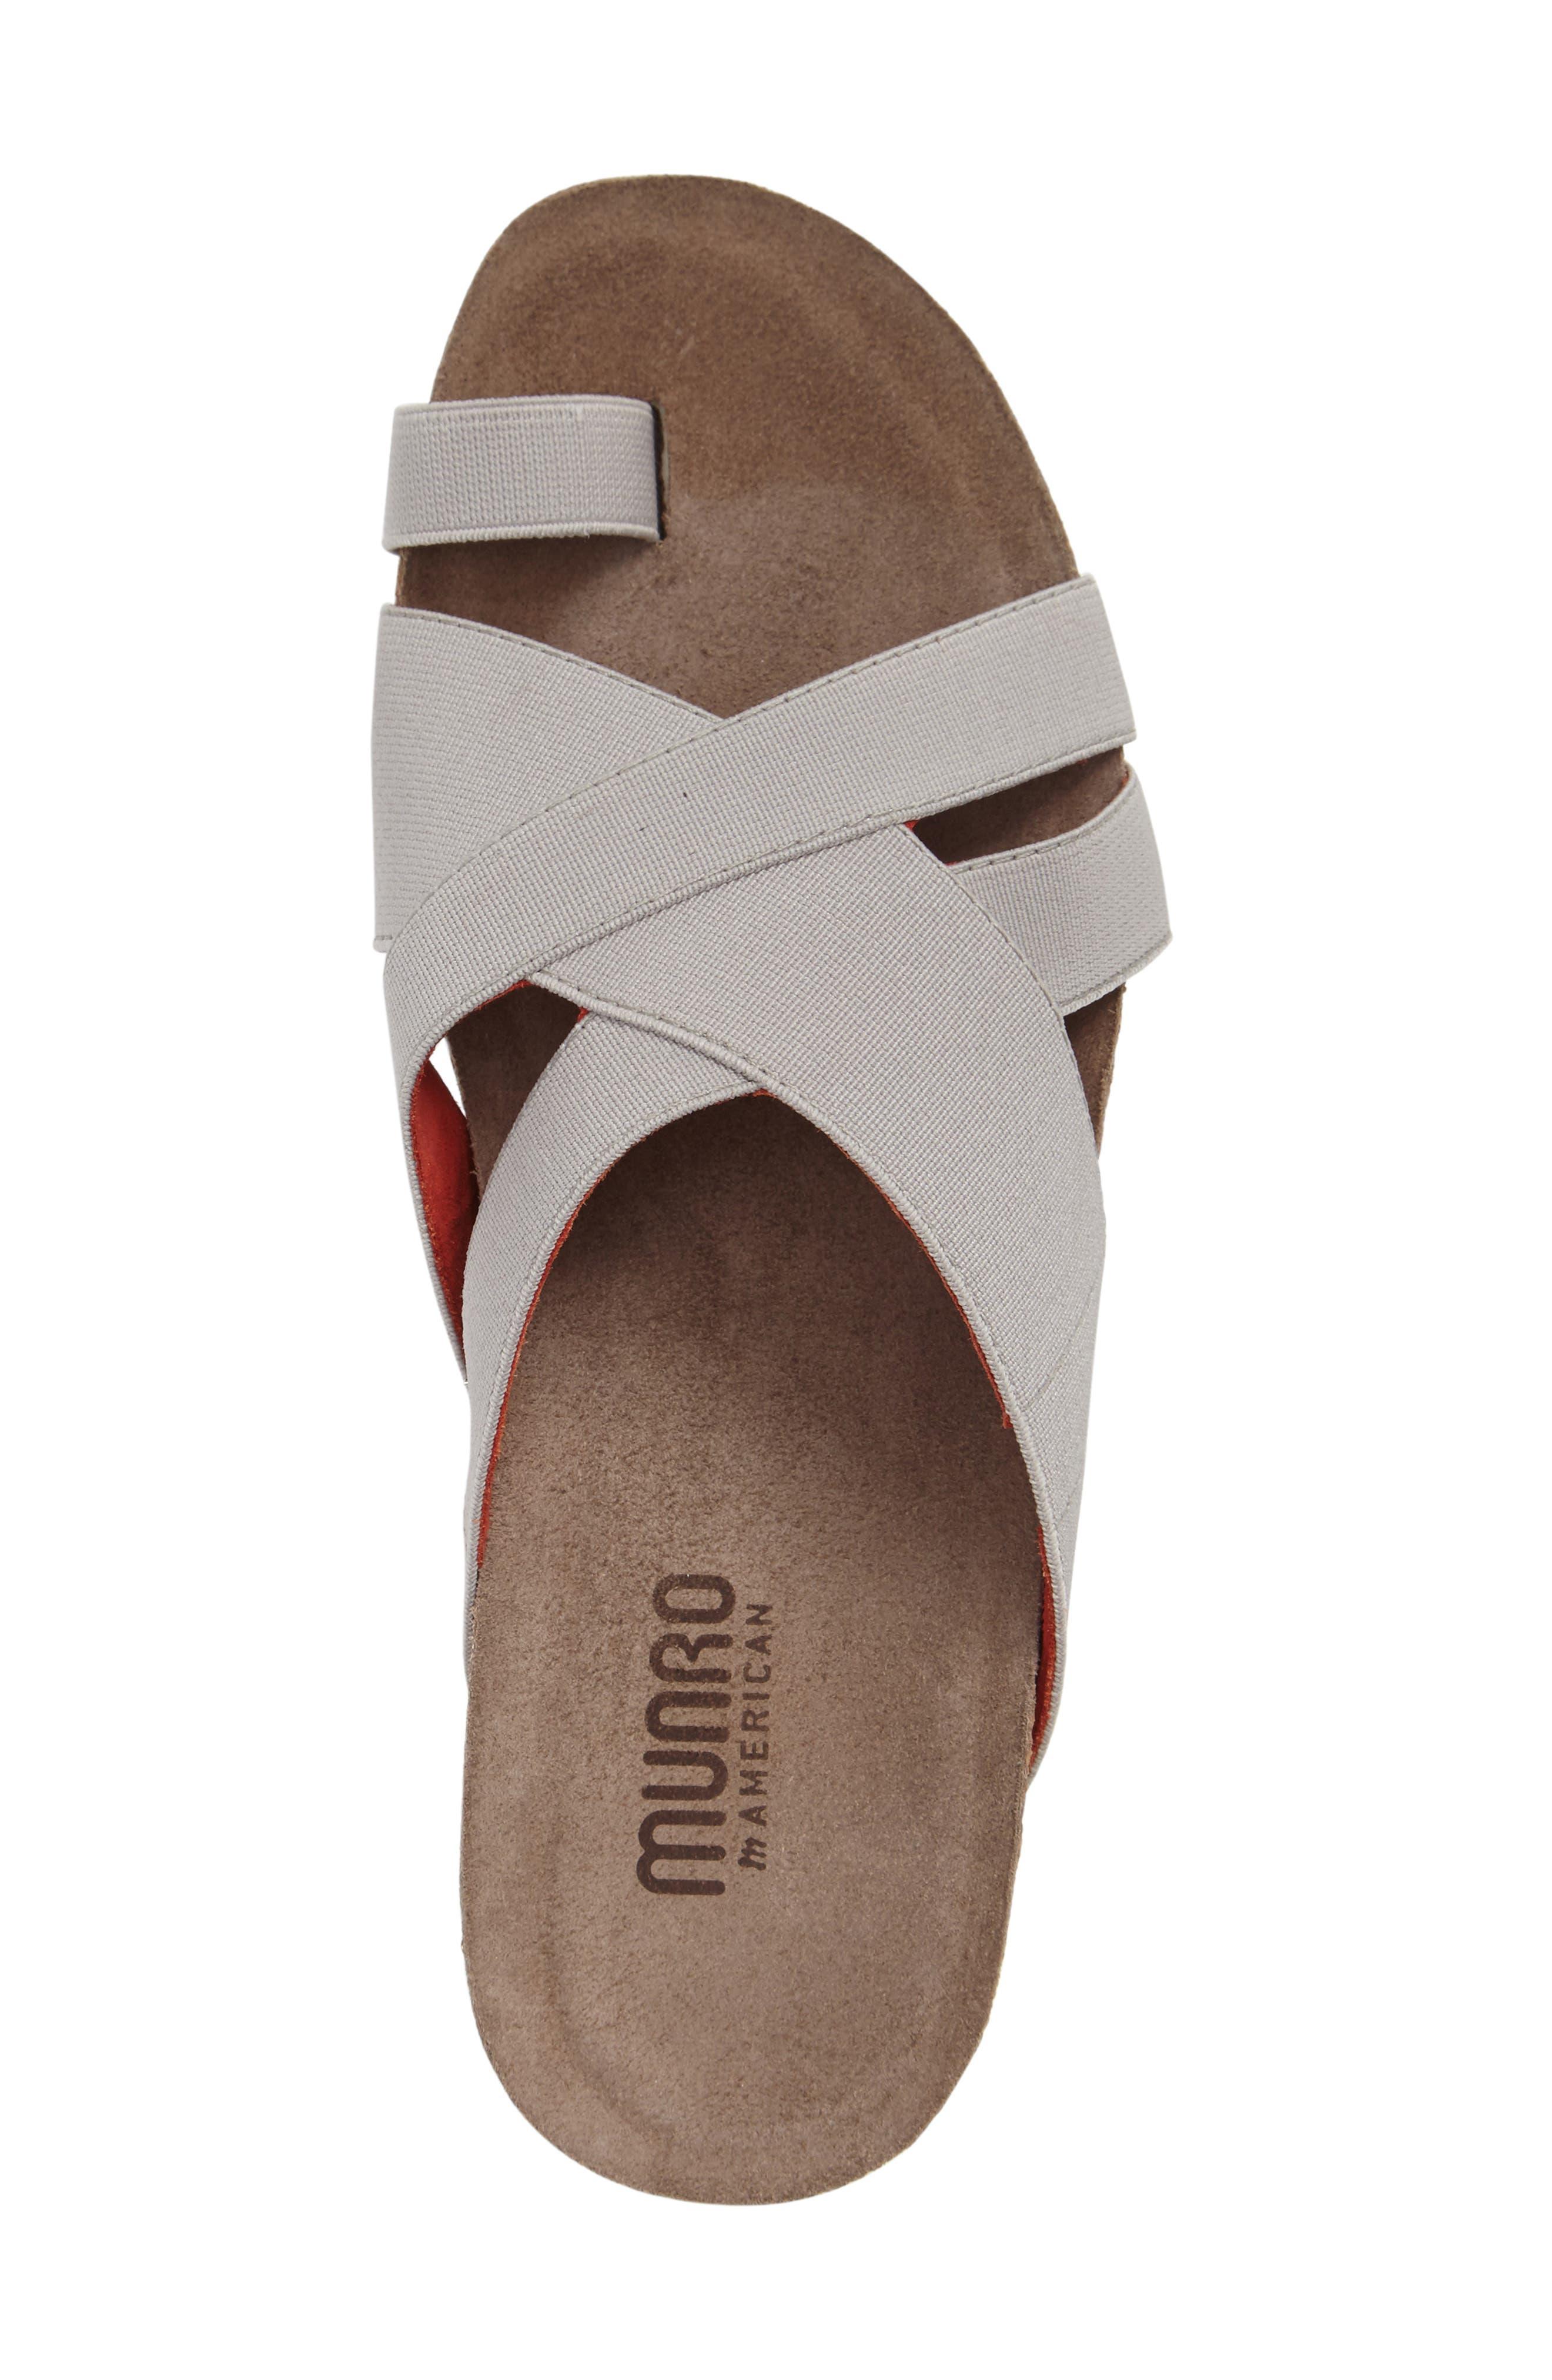 Delphi Slide Sandal,                             Alternate thumbnail 10, color,